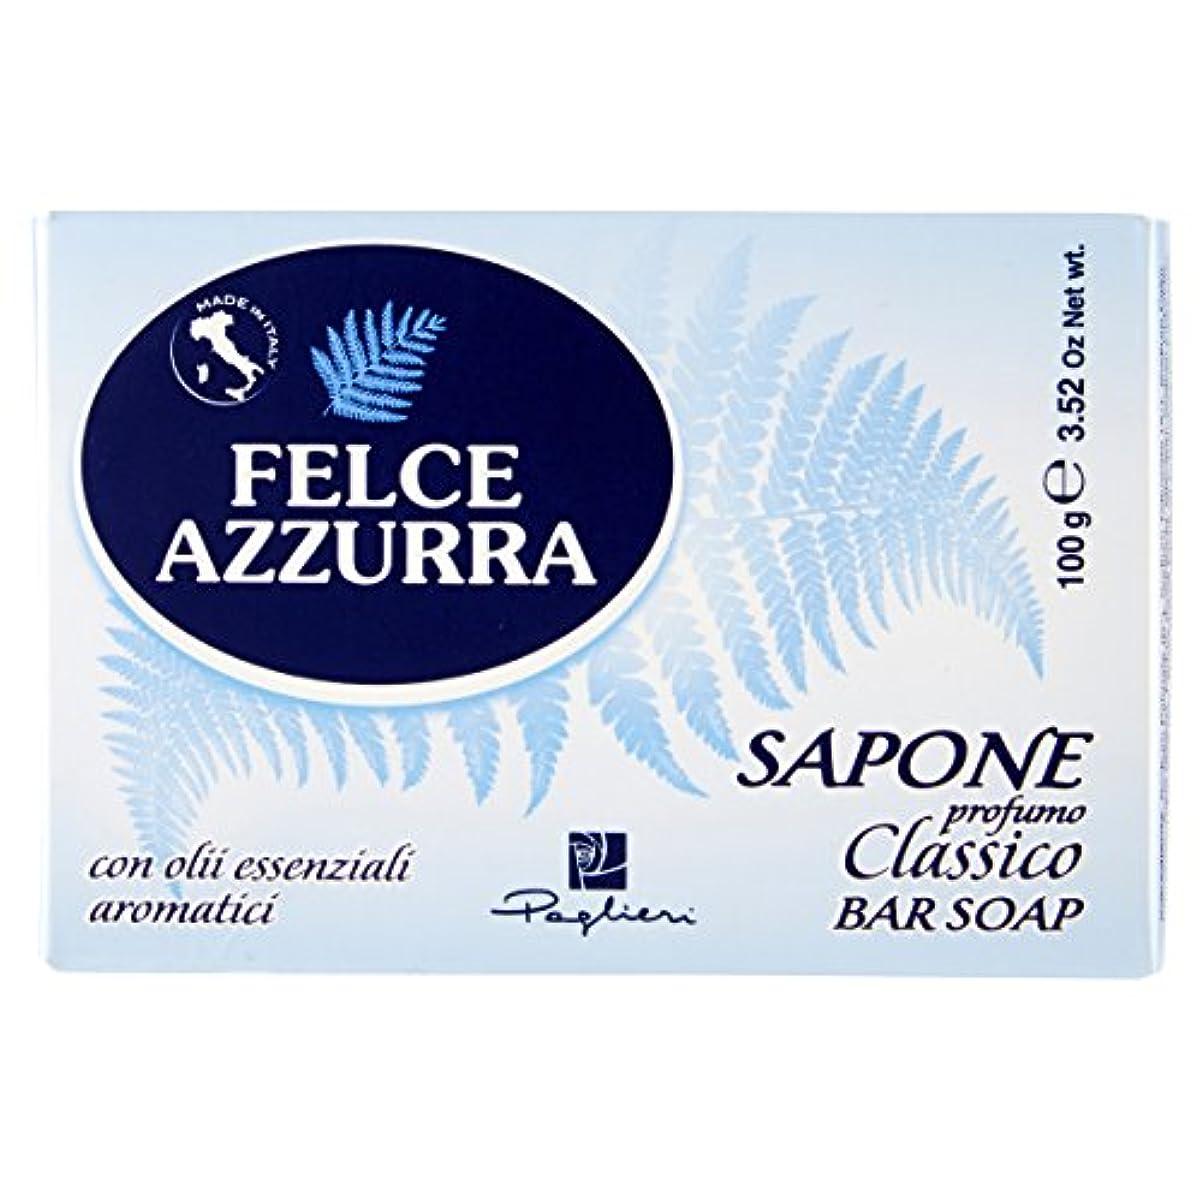 ダイヤル最大の真面目なFelce Azzurra Classico Bar Soap 100g soap by Felce Azzurra by Felce Azzurra